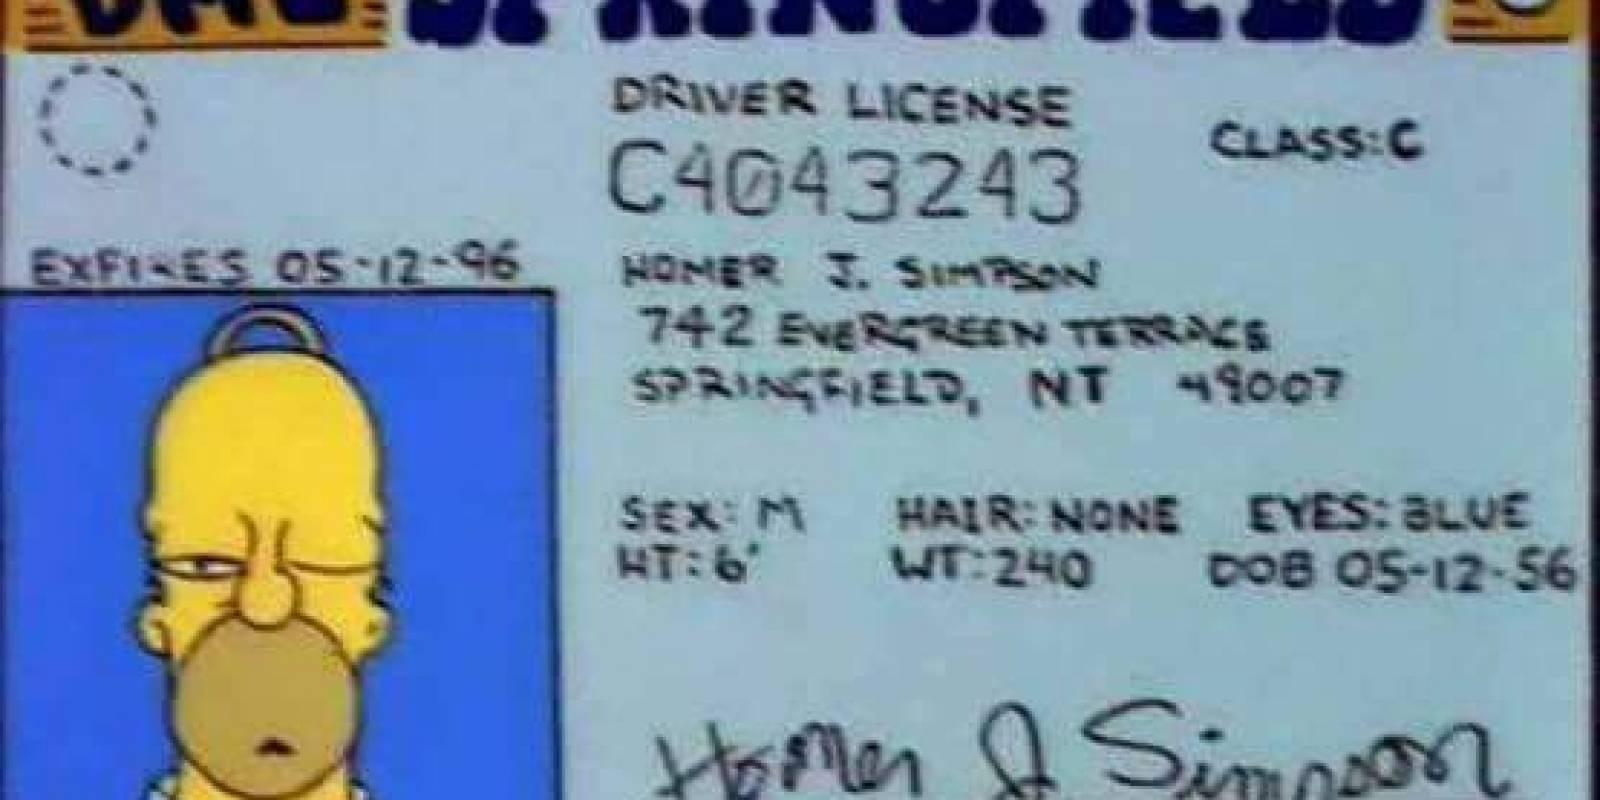 La licencia de Homero